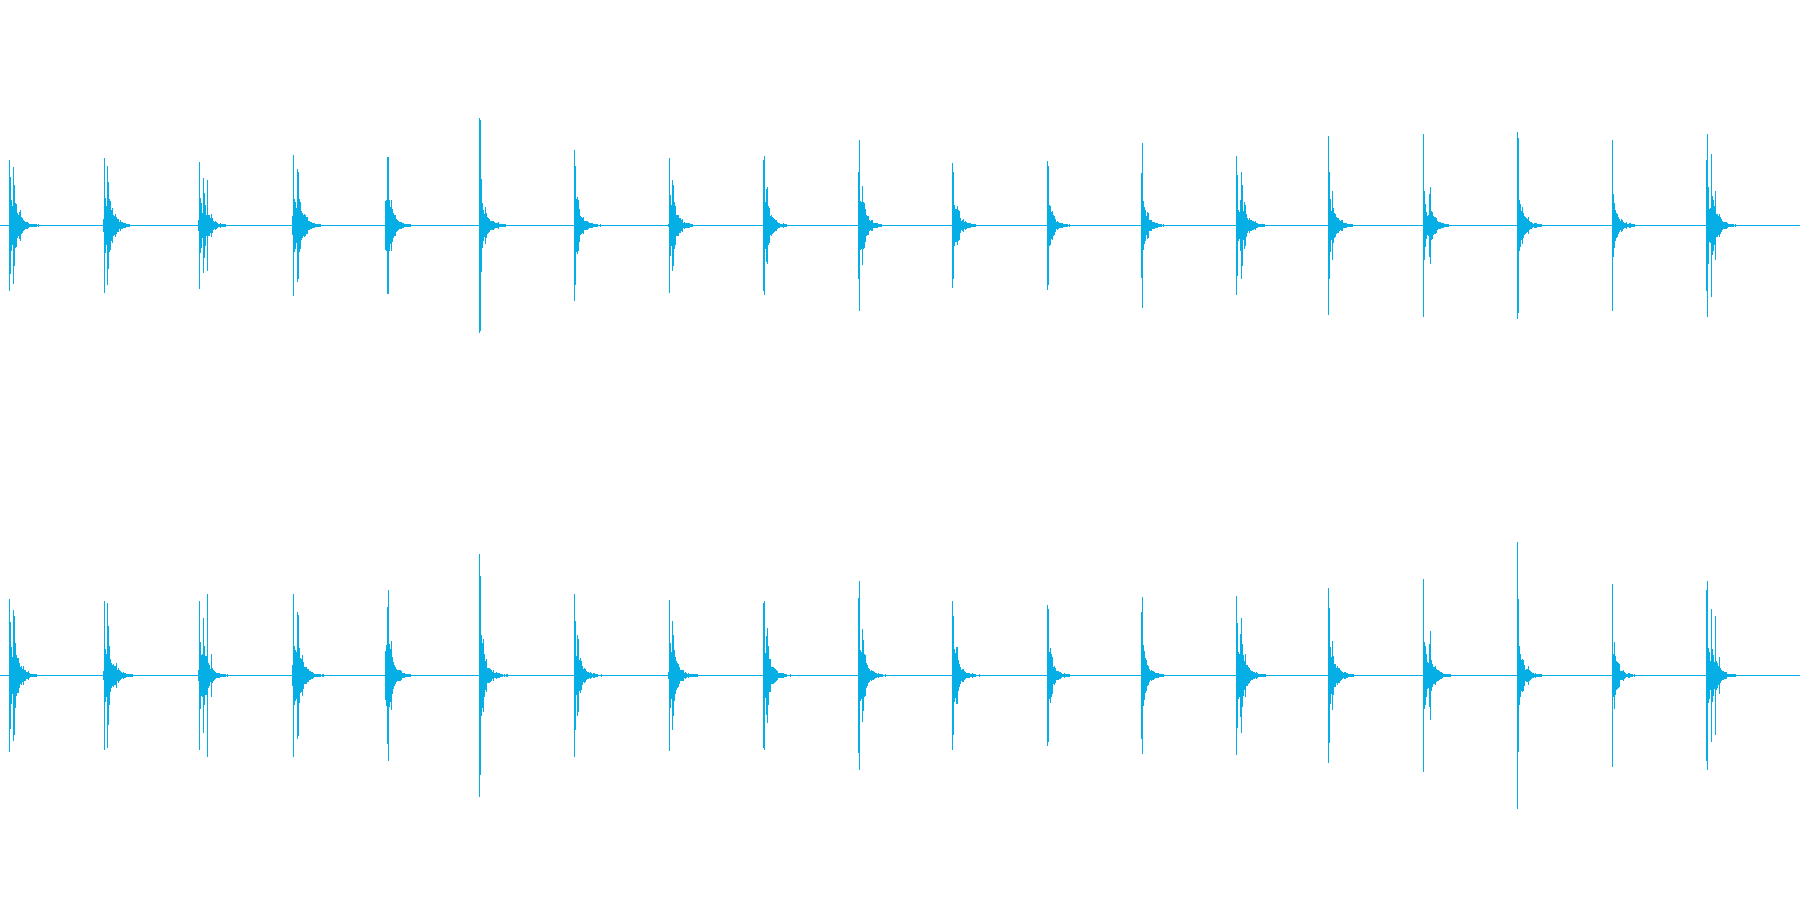 水滴-5の再生済みの波形